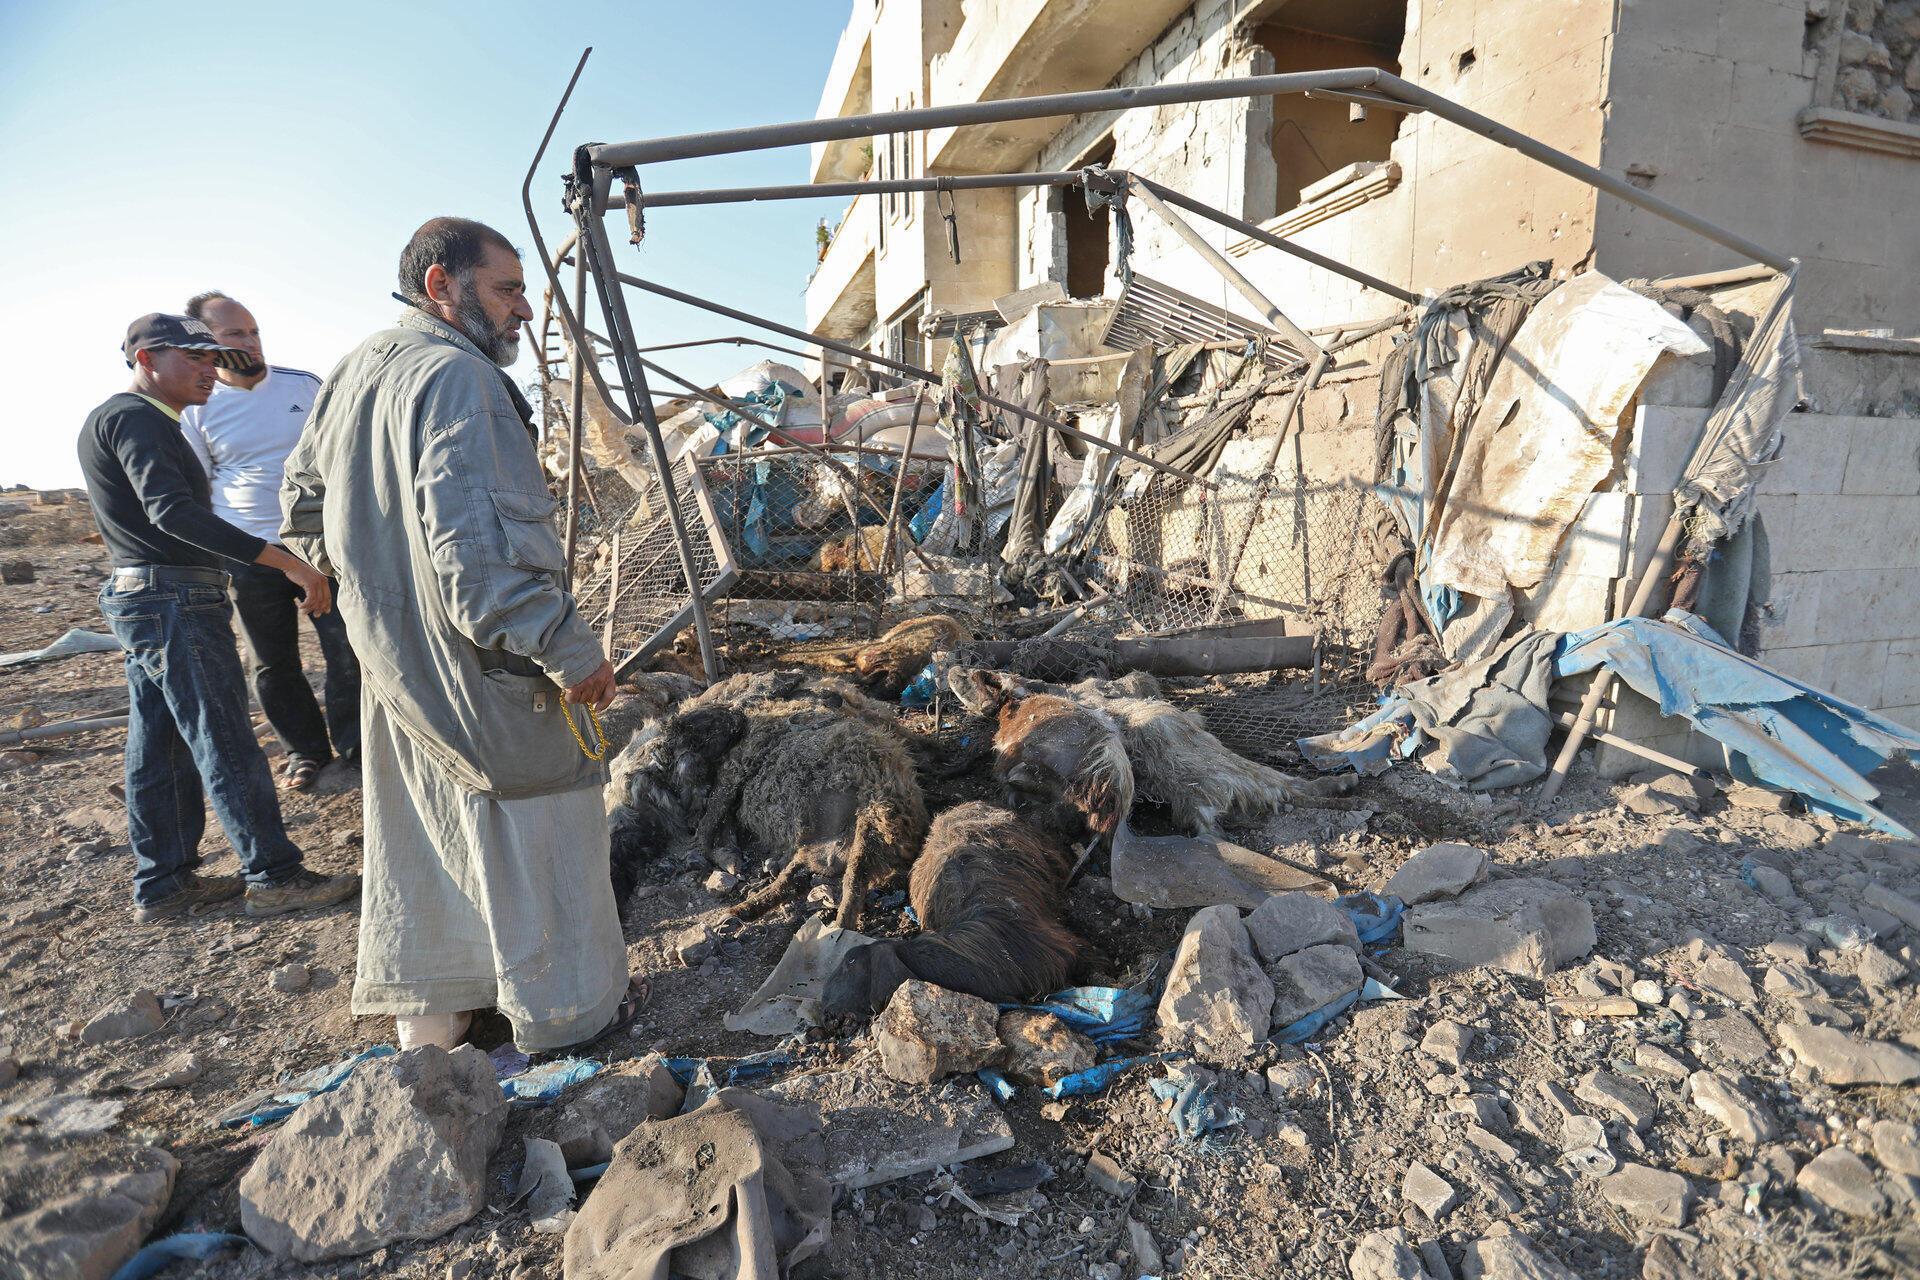 Последствия авиаудара, приписываемого российским ВВС, в одной из деревень в Идлибе. 11 сентября 2019 г.